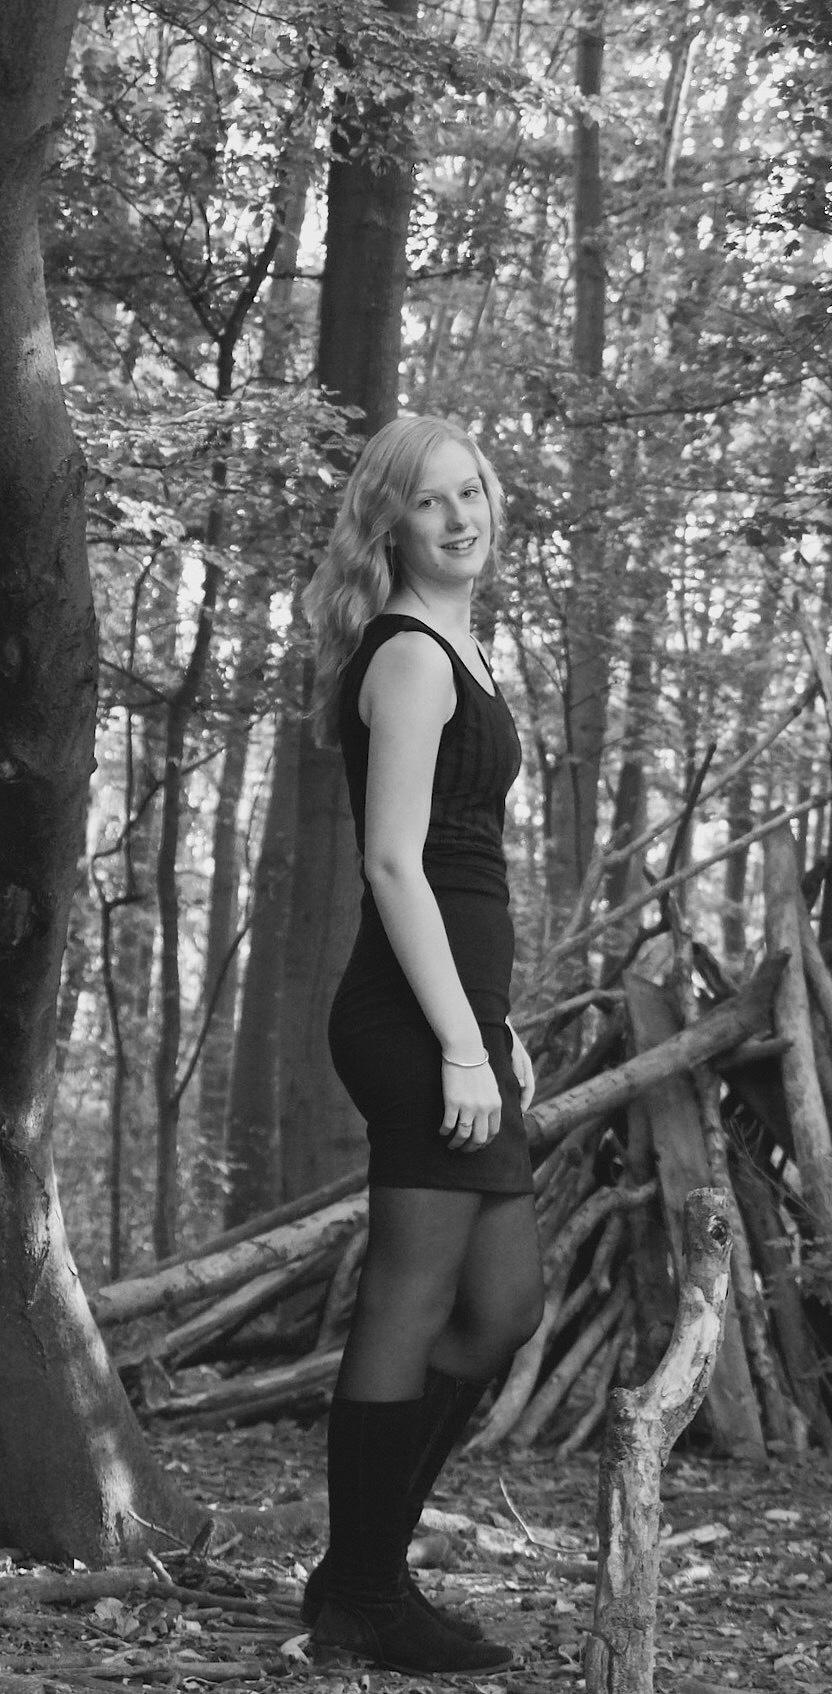 Portret - - - foto door Sonyjoenka op 11-10-2015